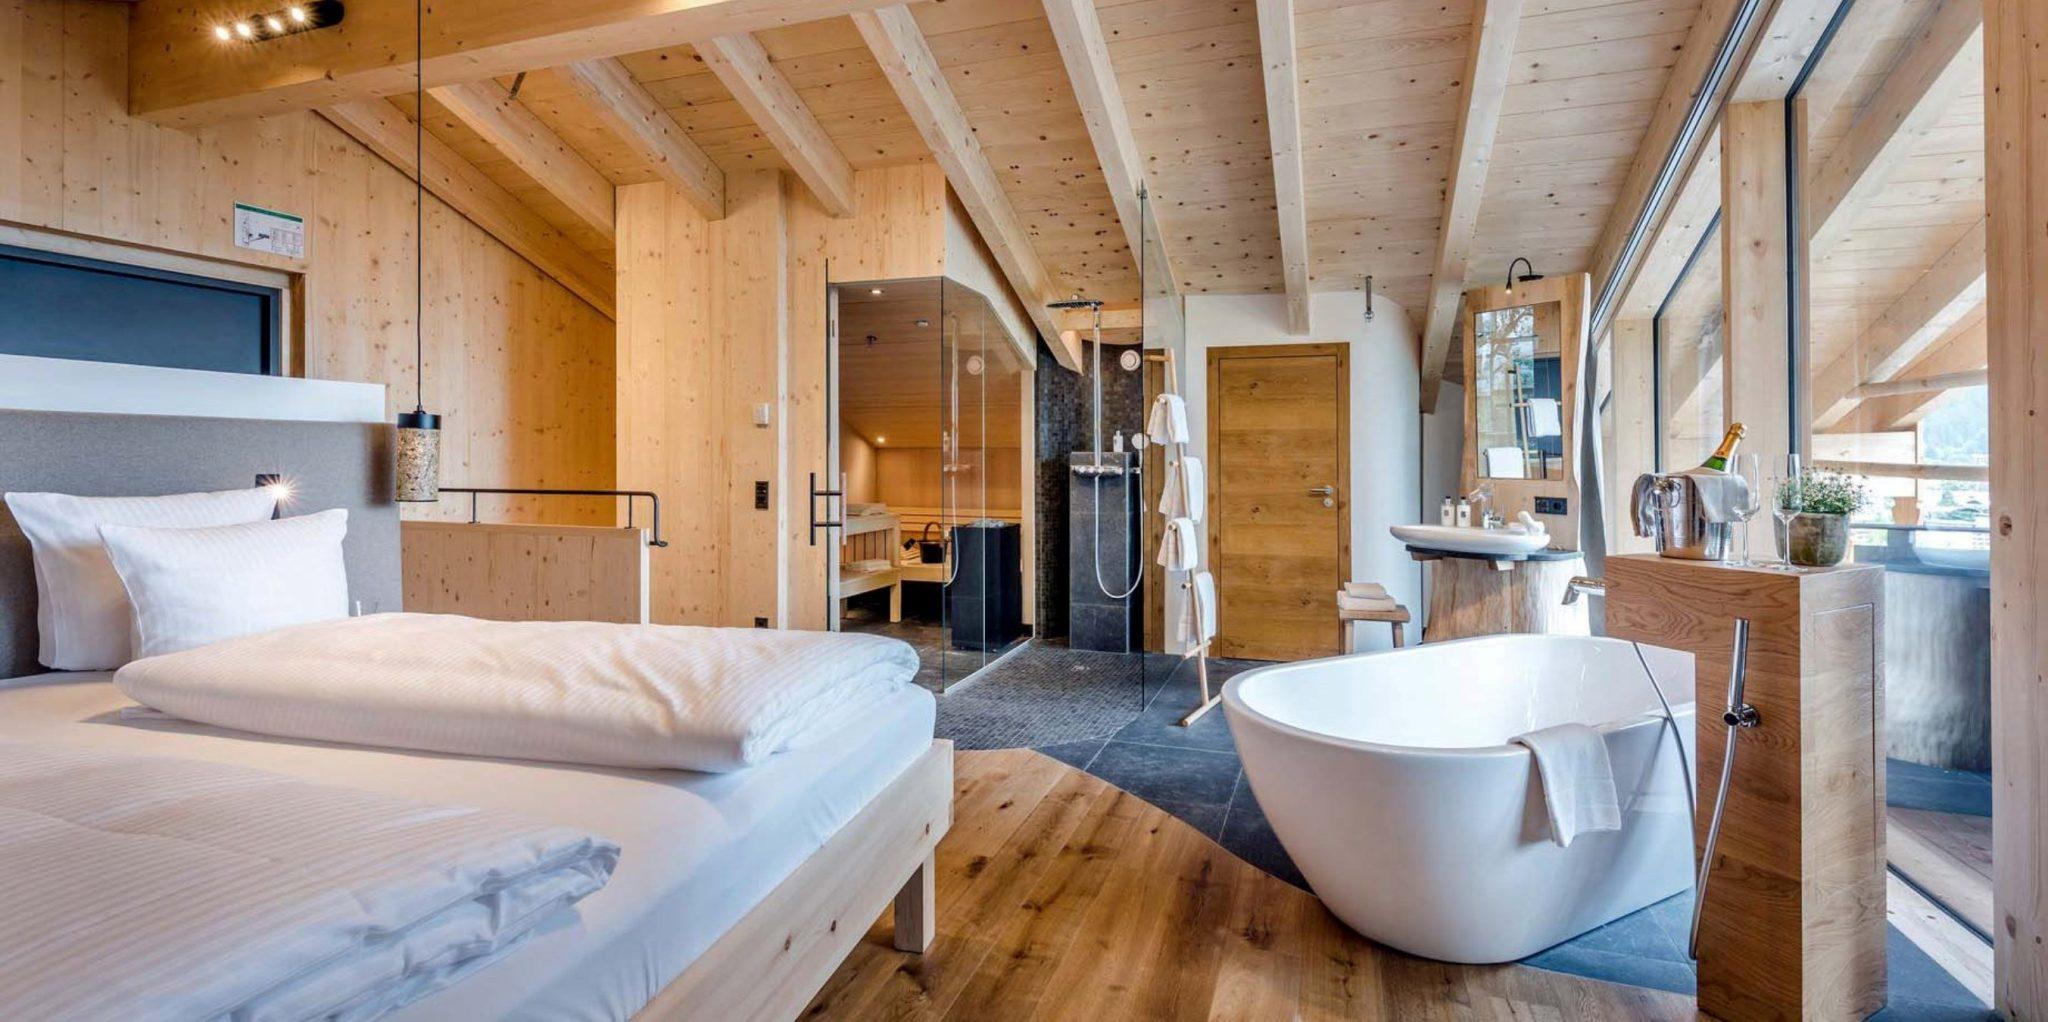 © Hotel Werdenfelserei, Garmisch-Partenkirchen